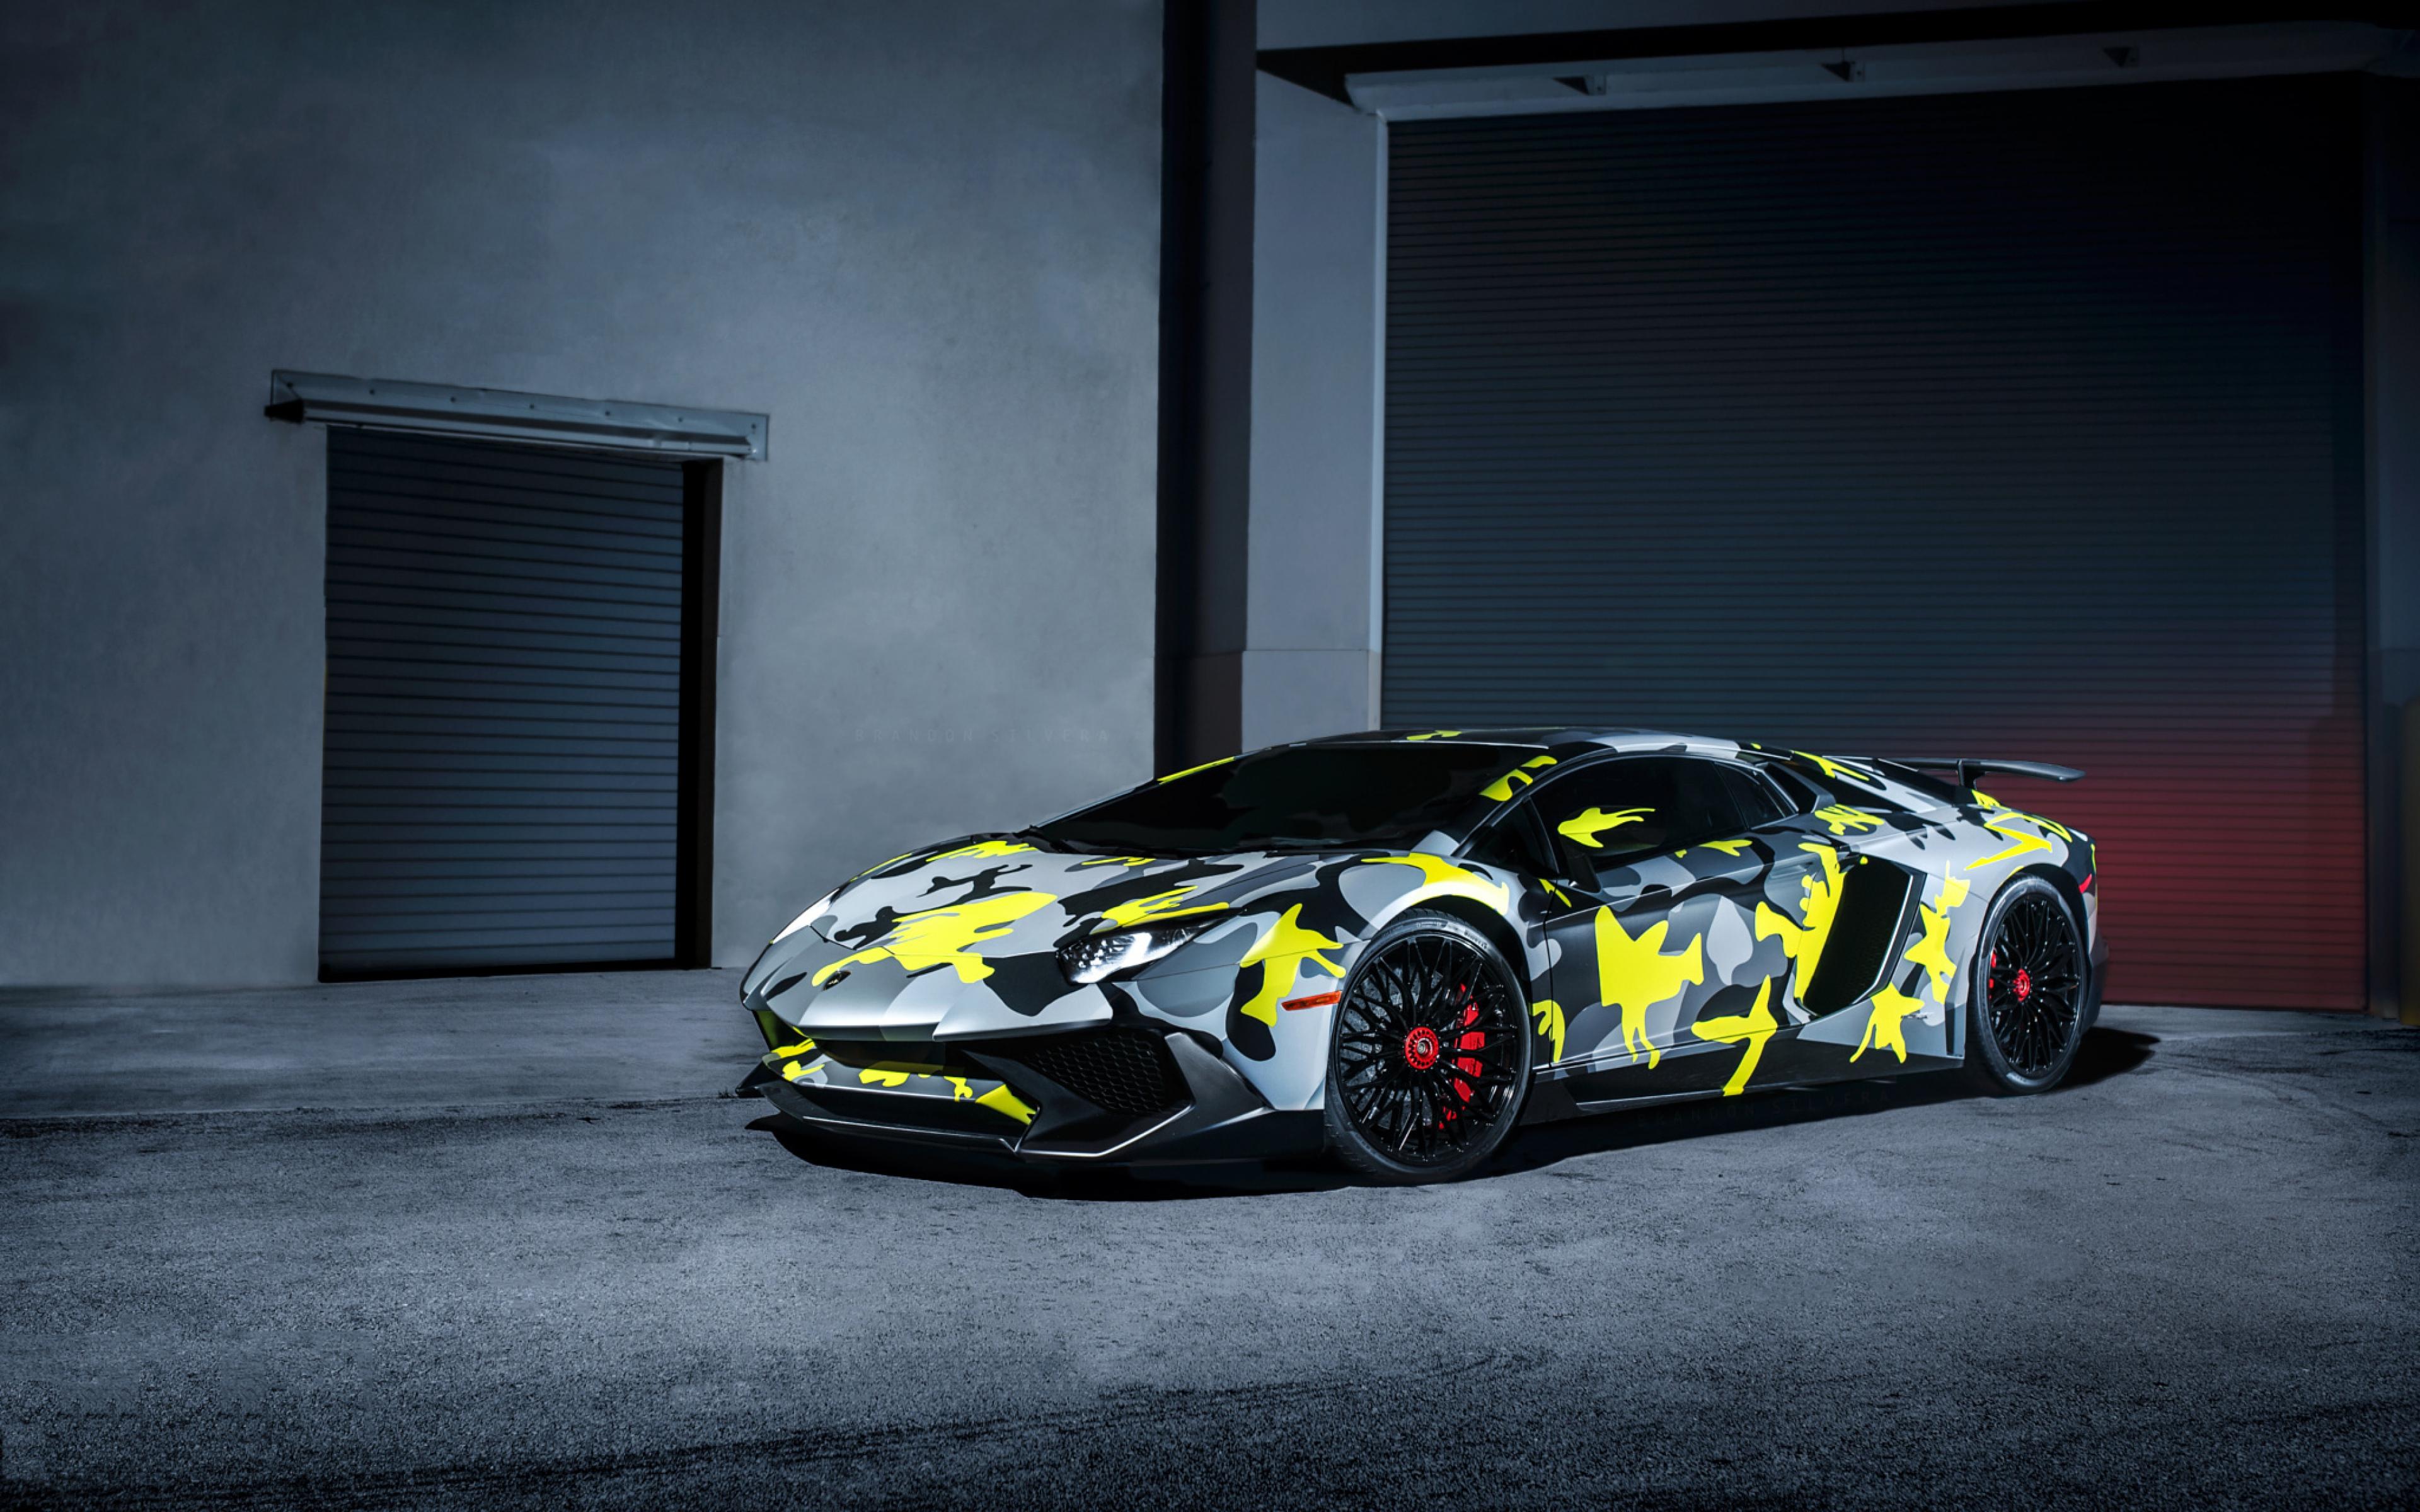 29 Lamborghini Aventador Sv Wallpapers On Wallpapersafari